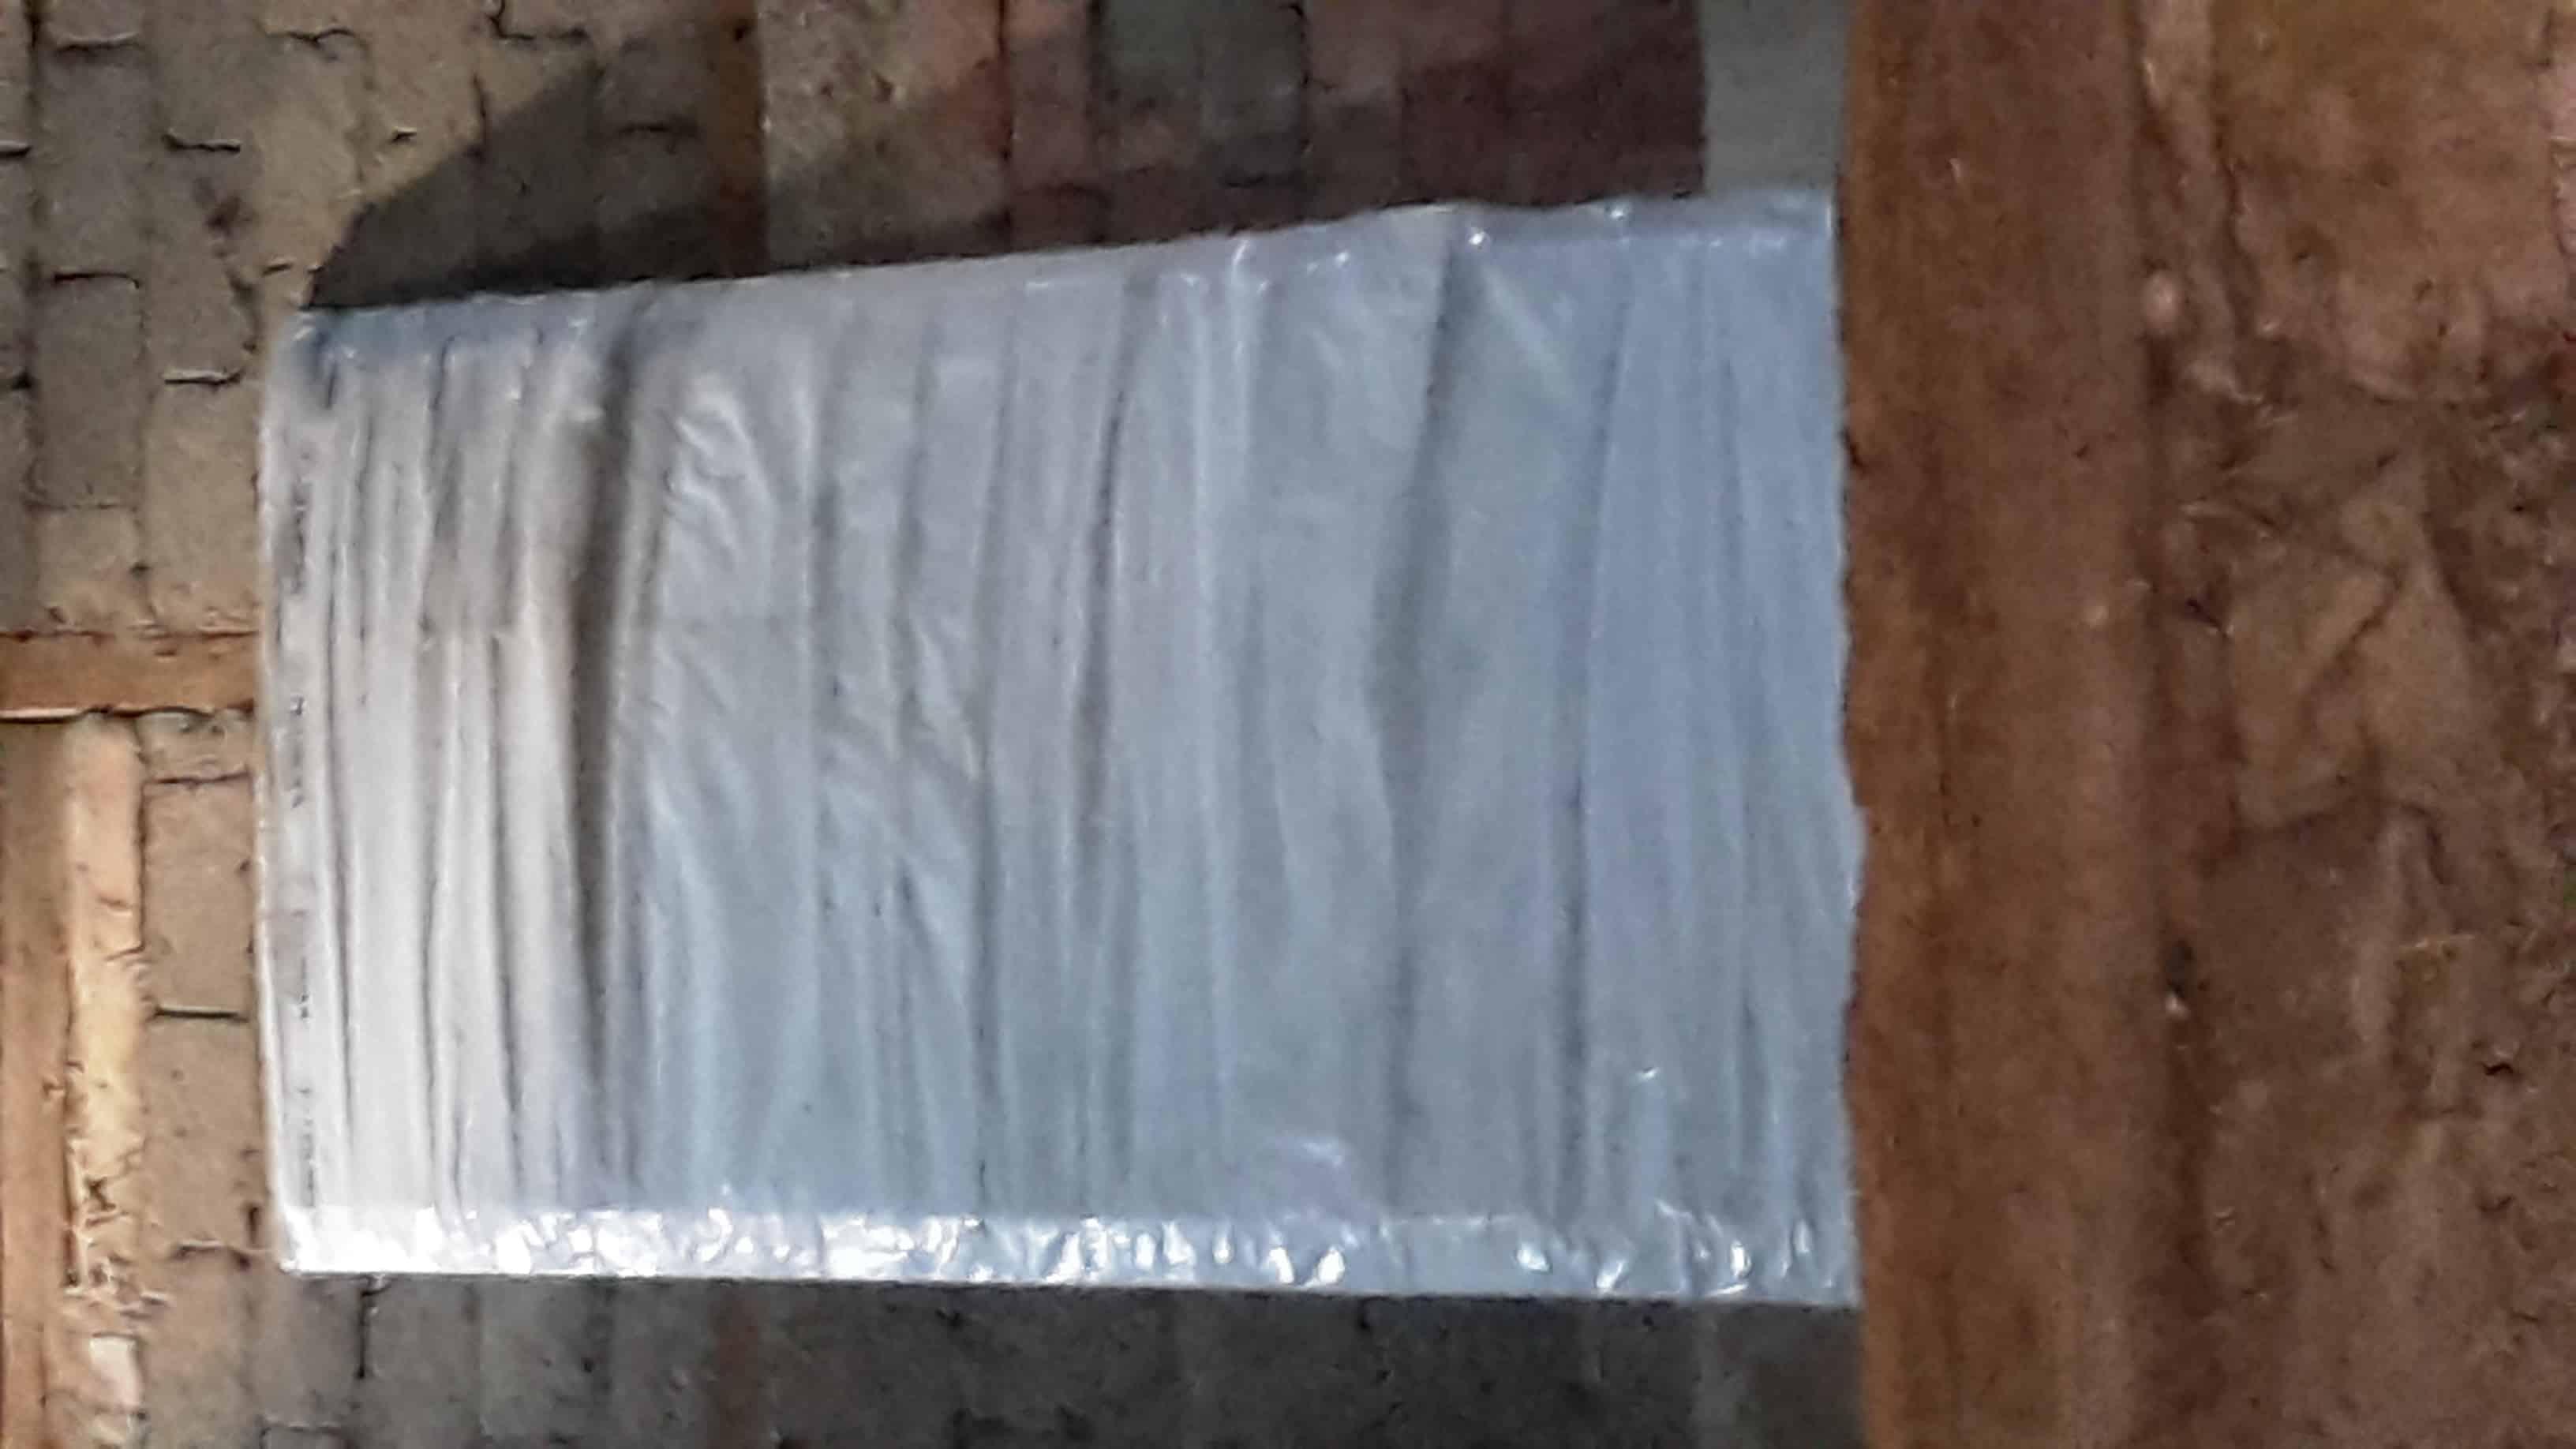 trapezblech g nstig kaufen im baustoffhandel von restado gebraucht und neu dacheindeckung. Black Bedroom Furniture Sets. Home Design Ideas